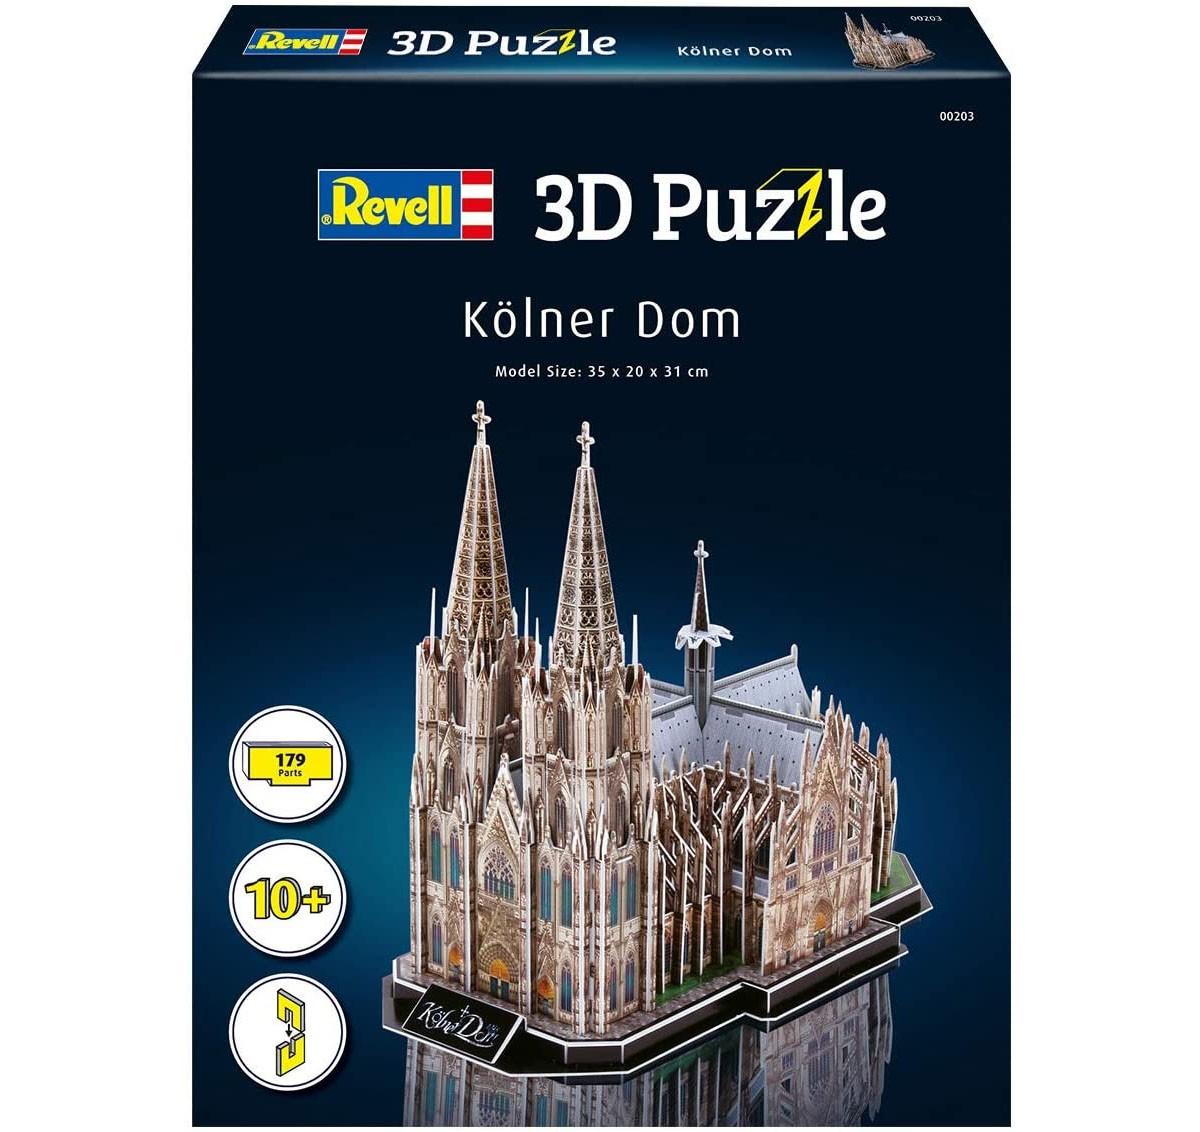 Quebra-cabeça 3D (3D Puzzle) Catedral de Colônia - Revell 00203  - BLIMPS COMÉRCIO ELETRÔNICO